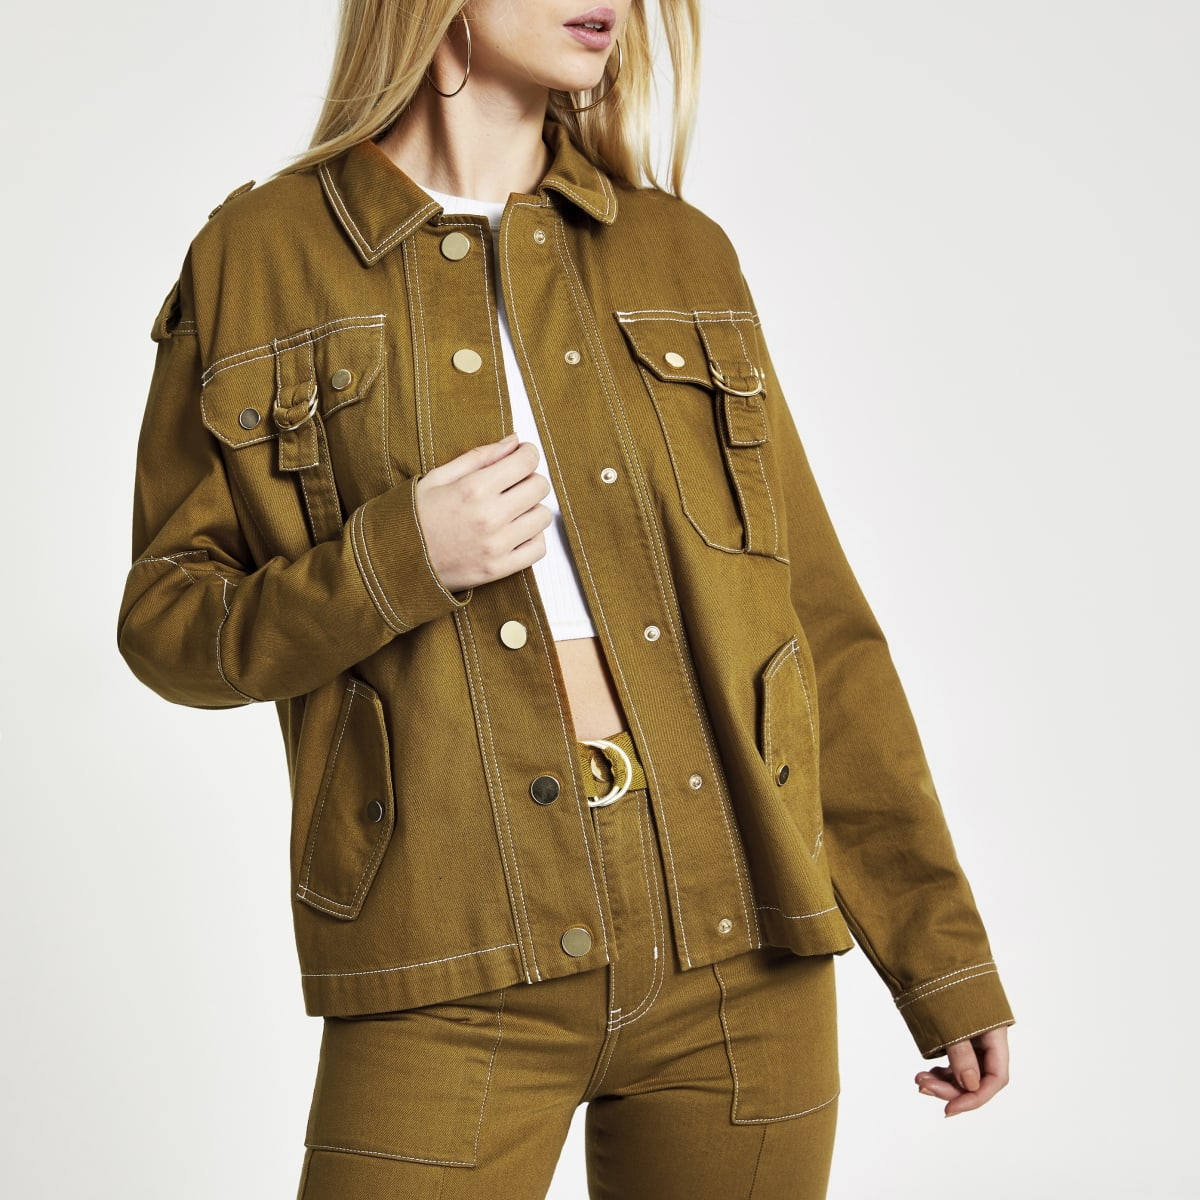 Veste militaire et fonctionelle en jean marron